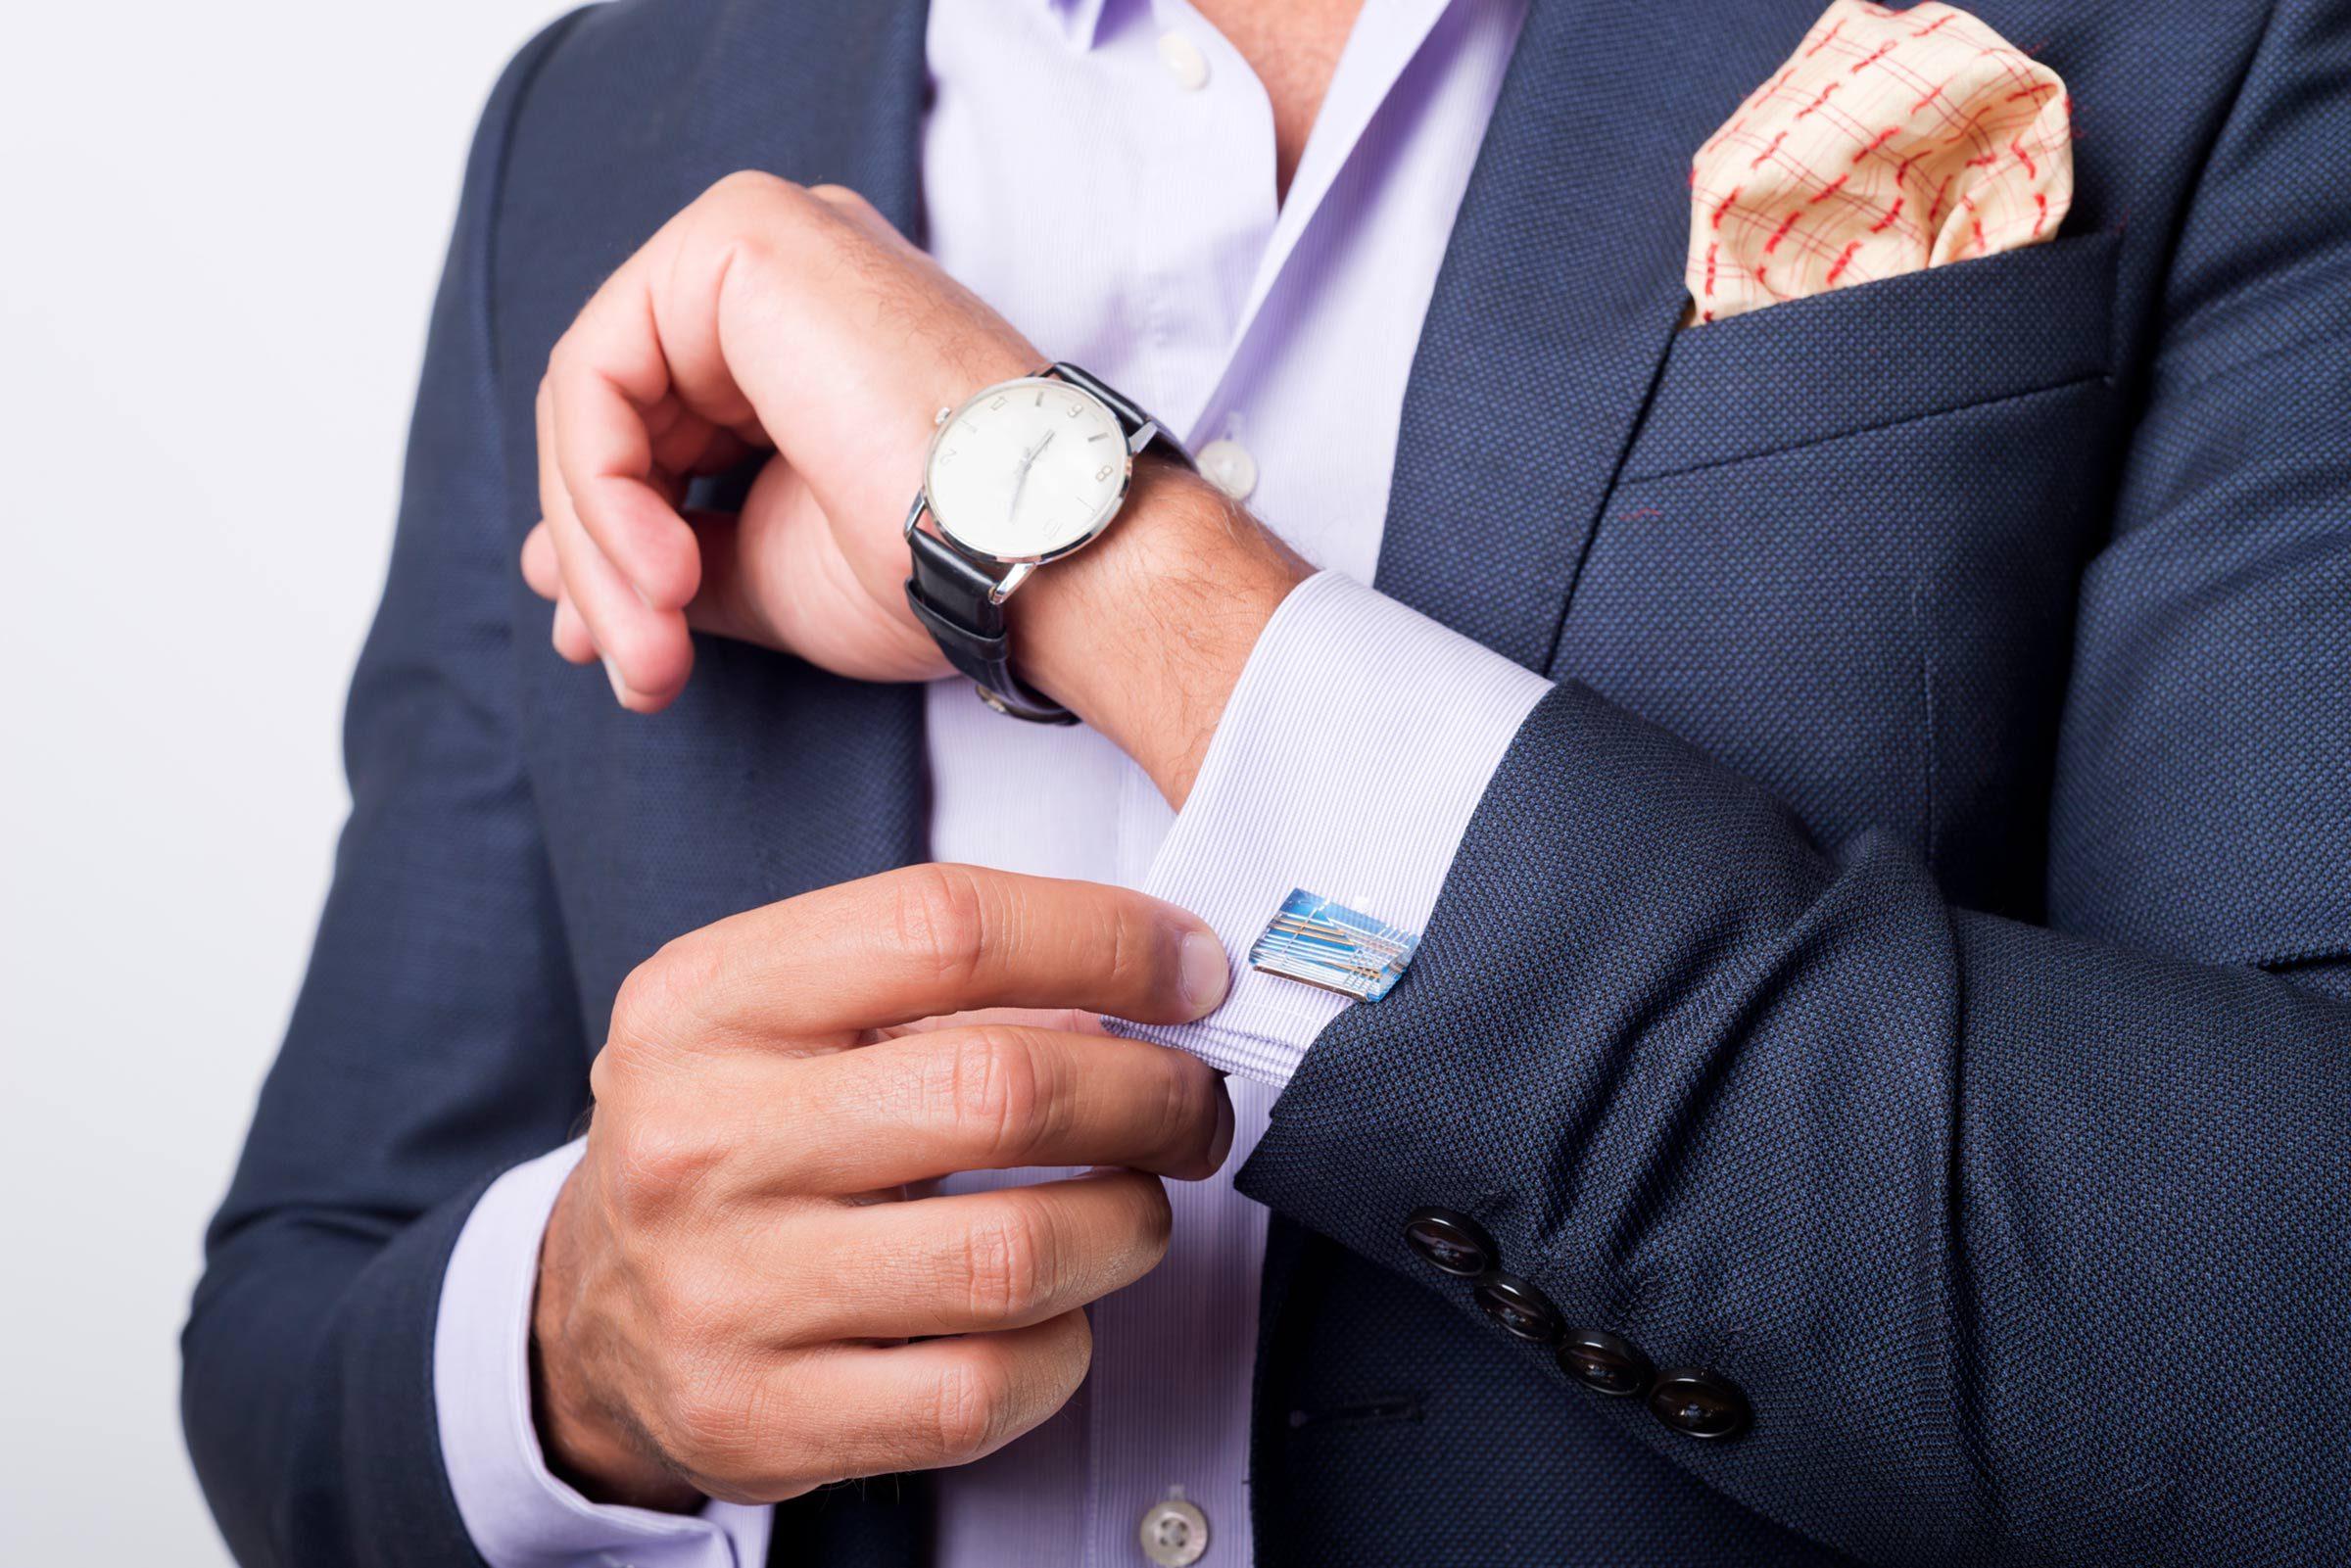 09-budget-wedding-dress-codes-explained-513573643-milosljubicic